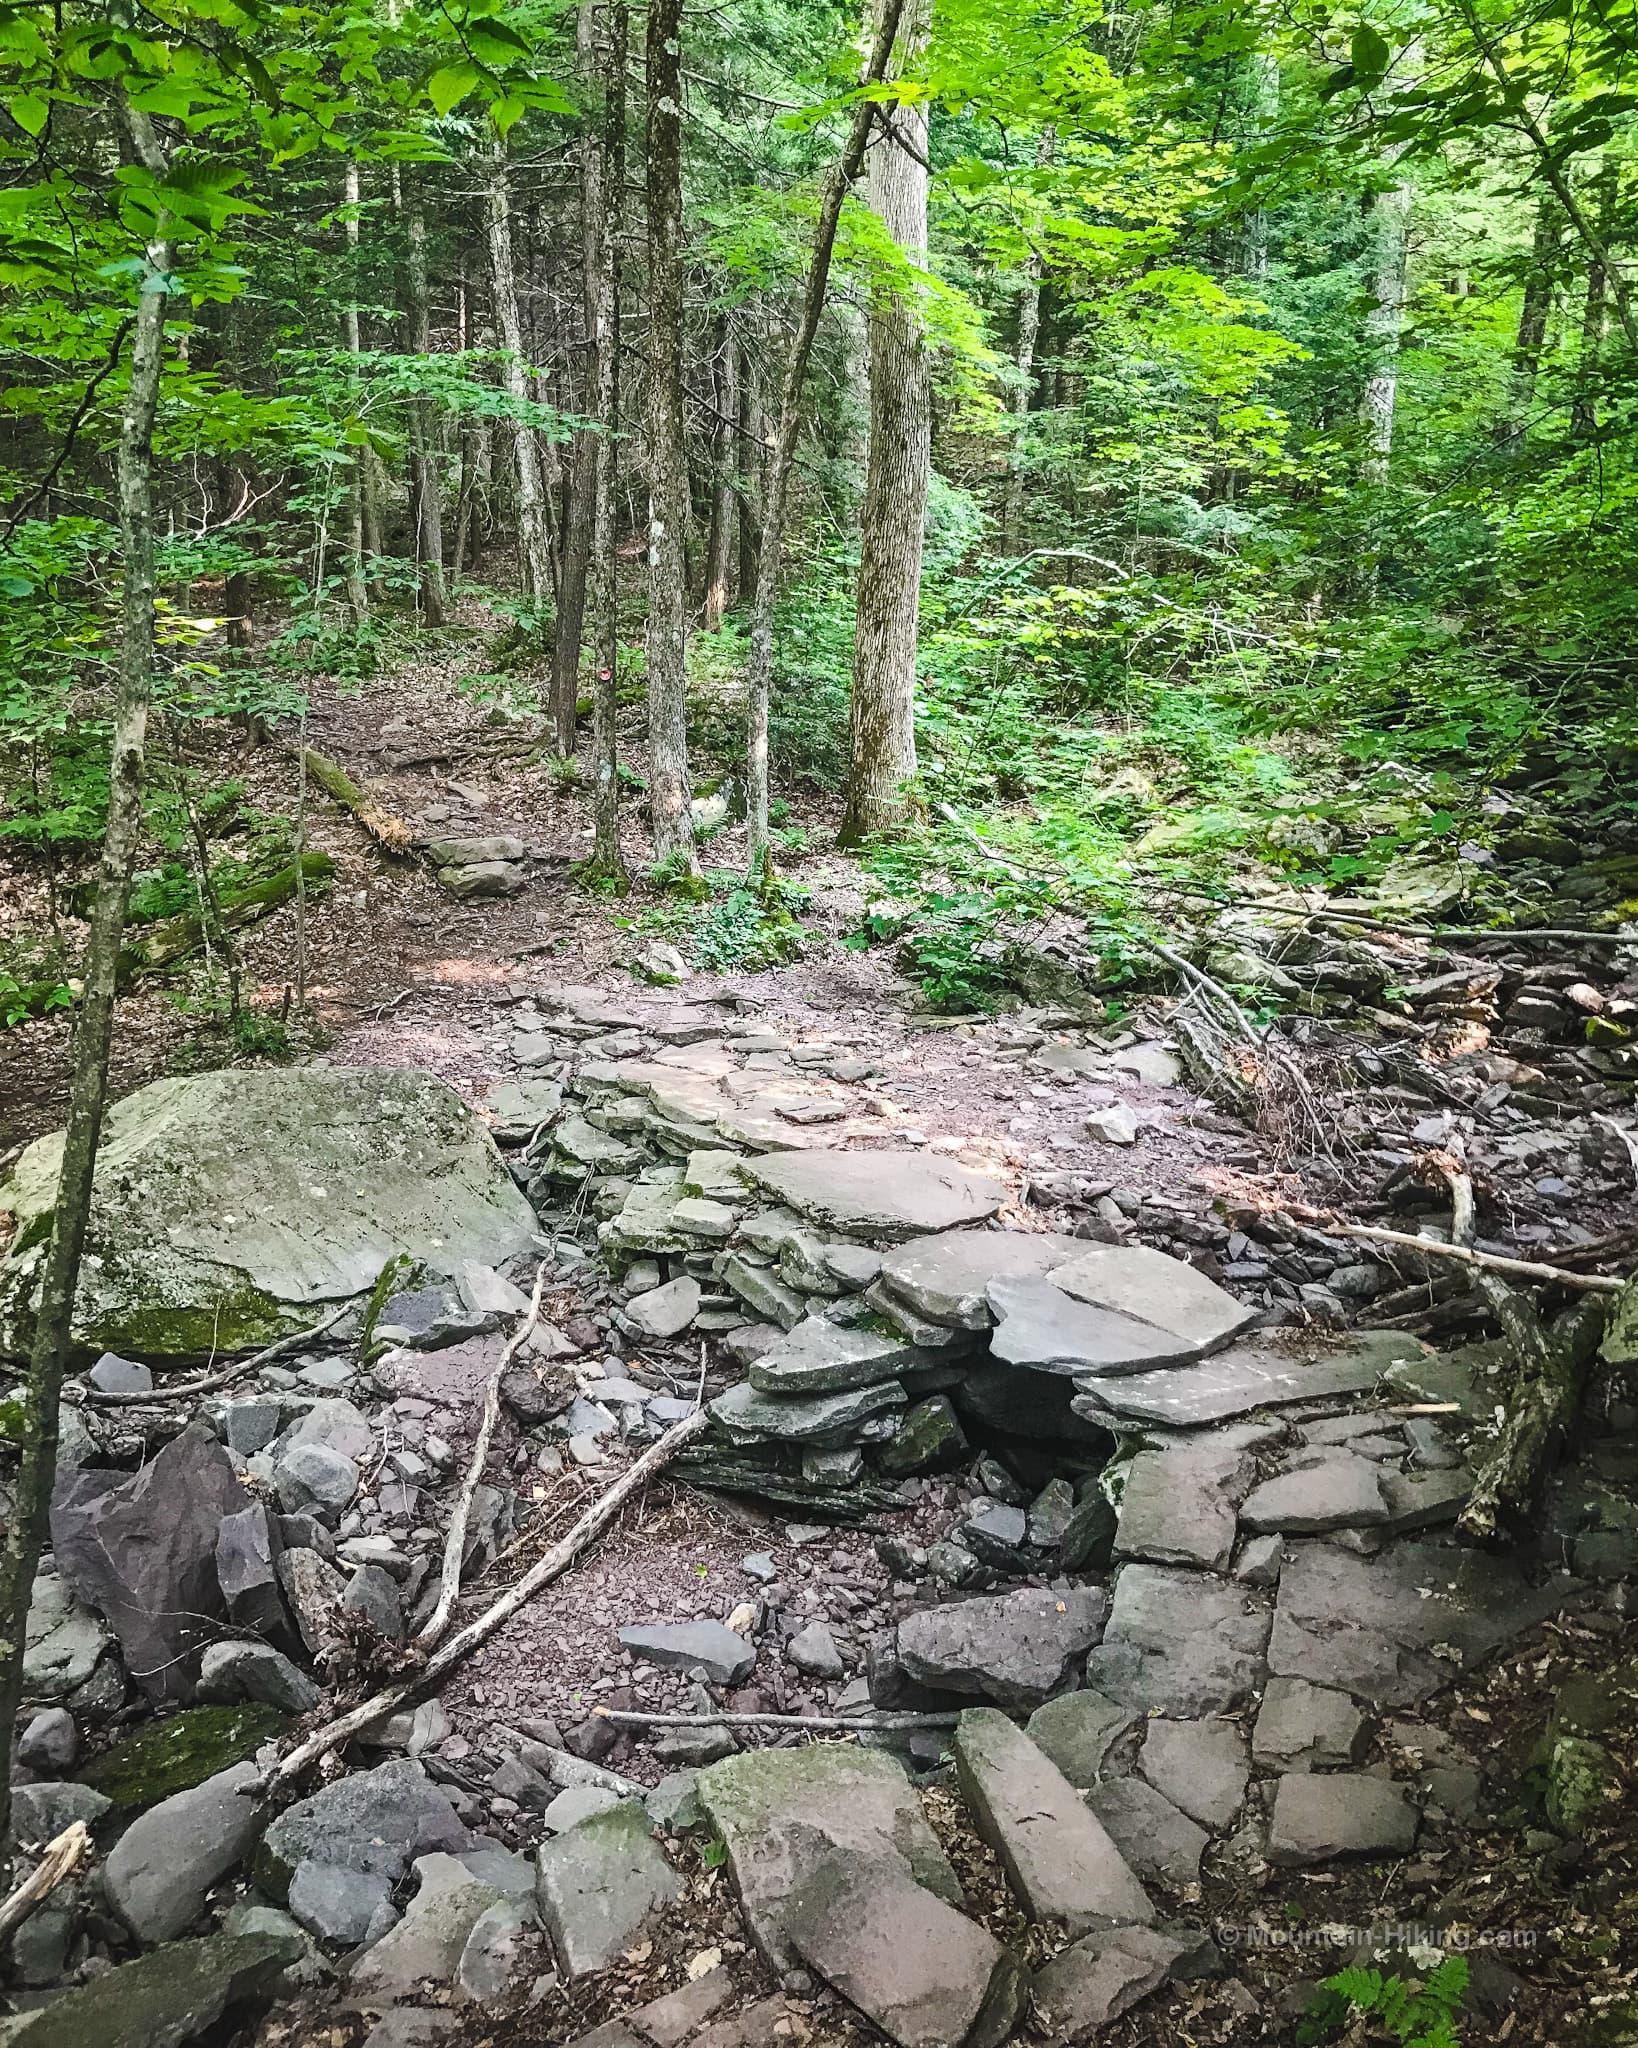 rock footbridge in woods